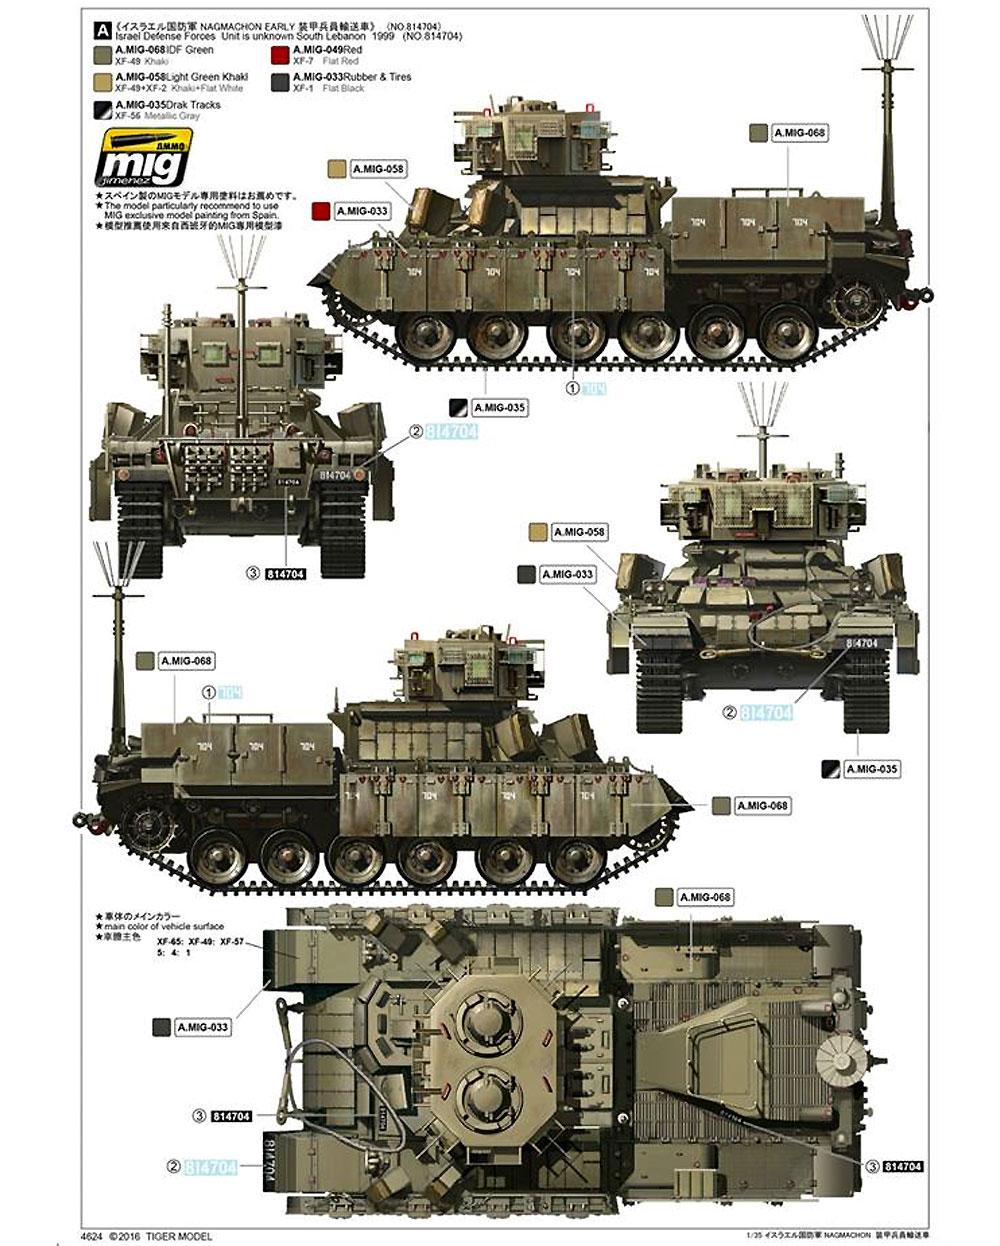 イスラエル ナグマホン ドックハウス 装甲兵員輸送車 初期型プラモデル(タイガーモデル1/35 AFVNo.4624)商品画像_2